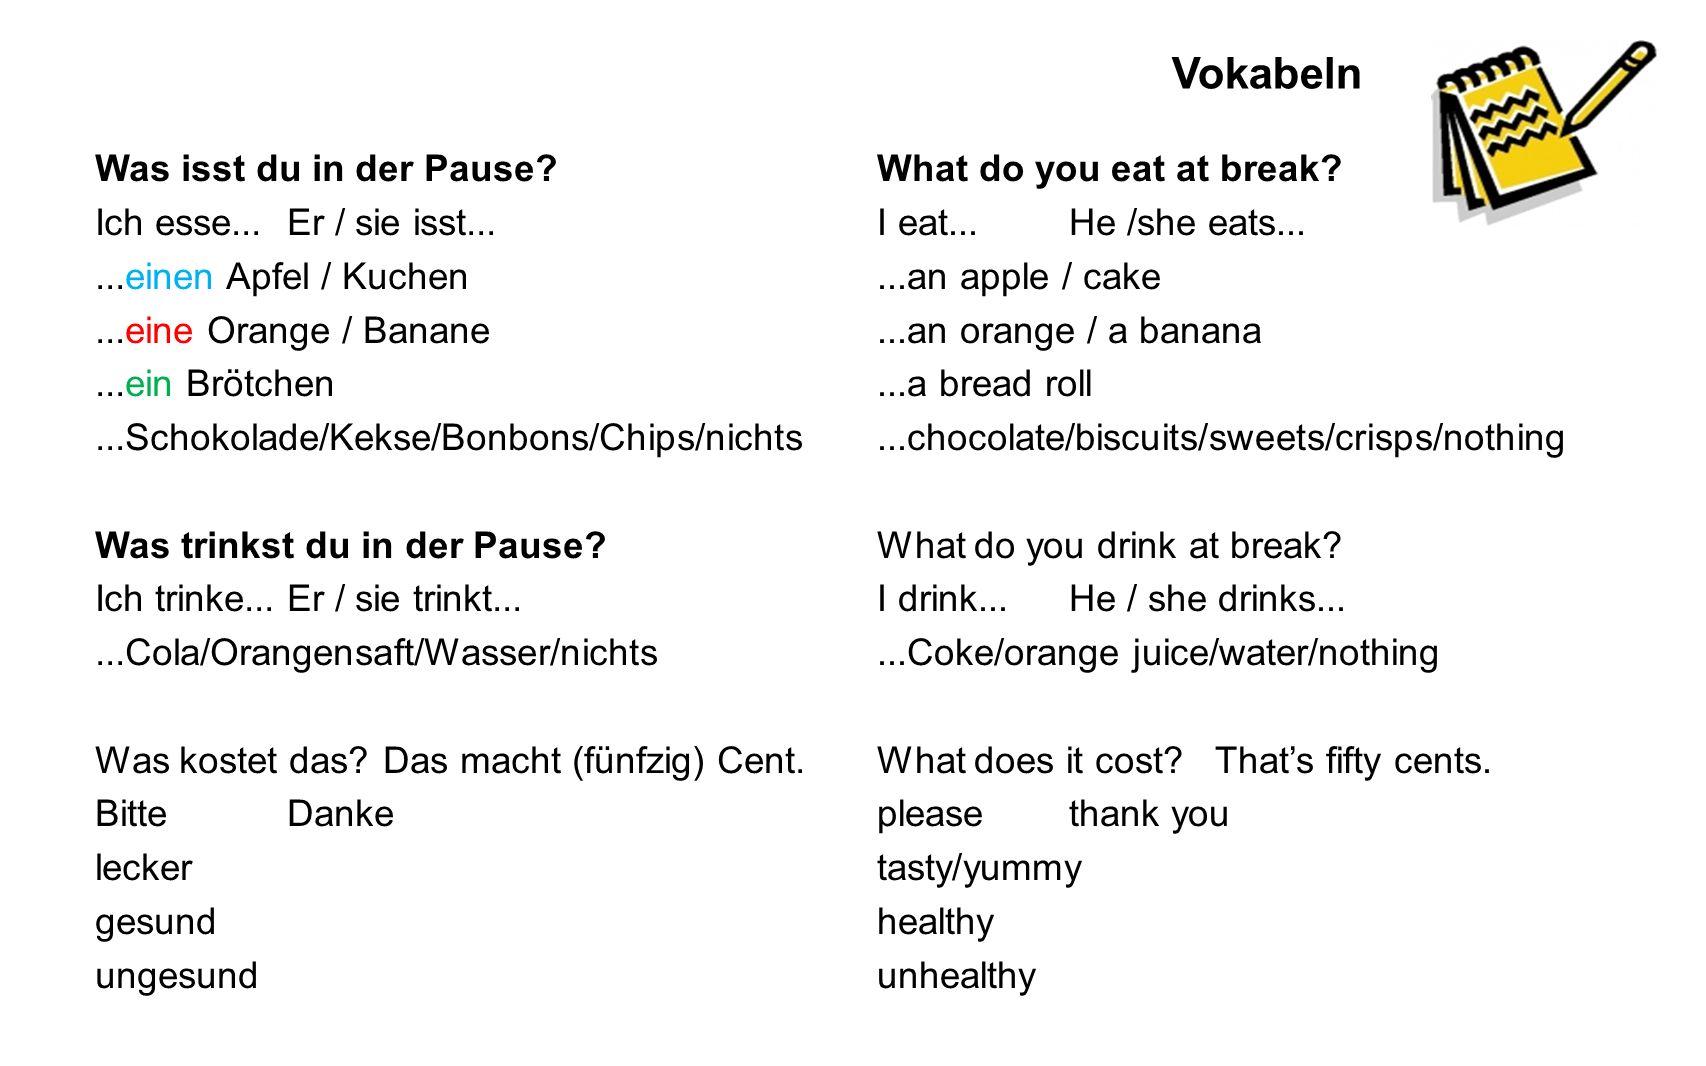 Vokabeln Was isst du in der Pause? Ich esse...Er / sie isst......einen Apfel / Kuchen...eine Orange / Banane...ein Brötchen...Schokolade/Kekse/Bonbons